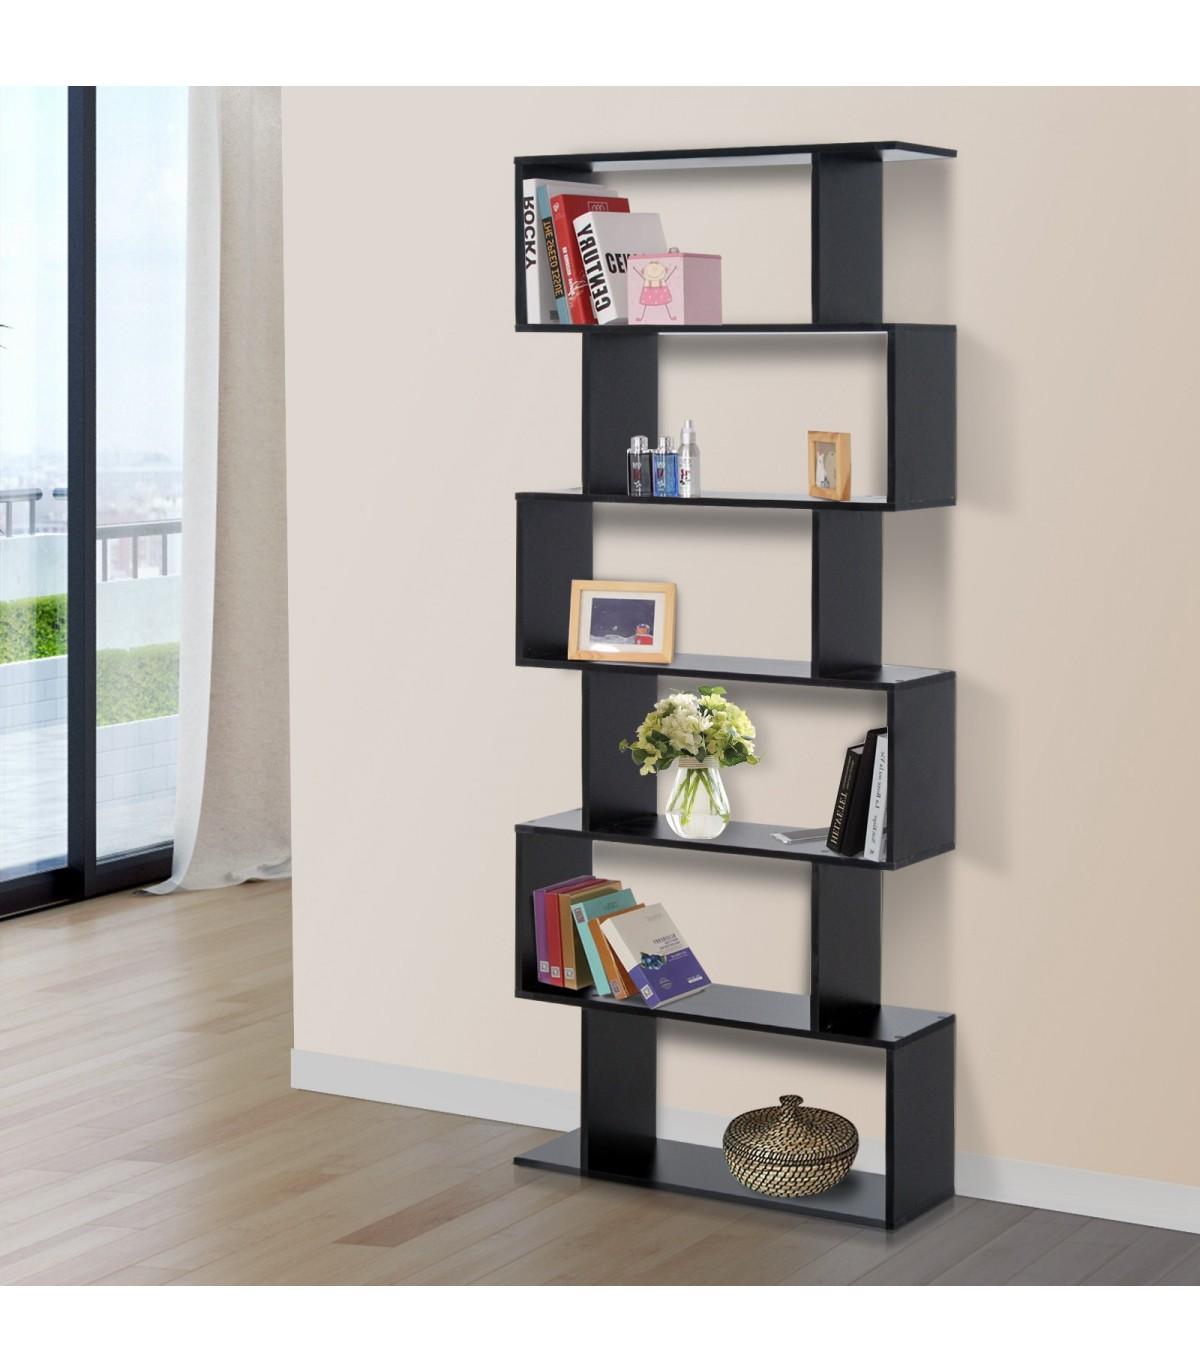 Diseño Librerias Salon | Librerias Modernas Diseño Idea A Favor De ...